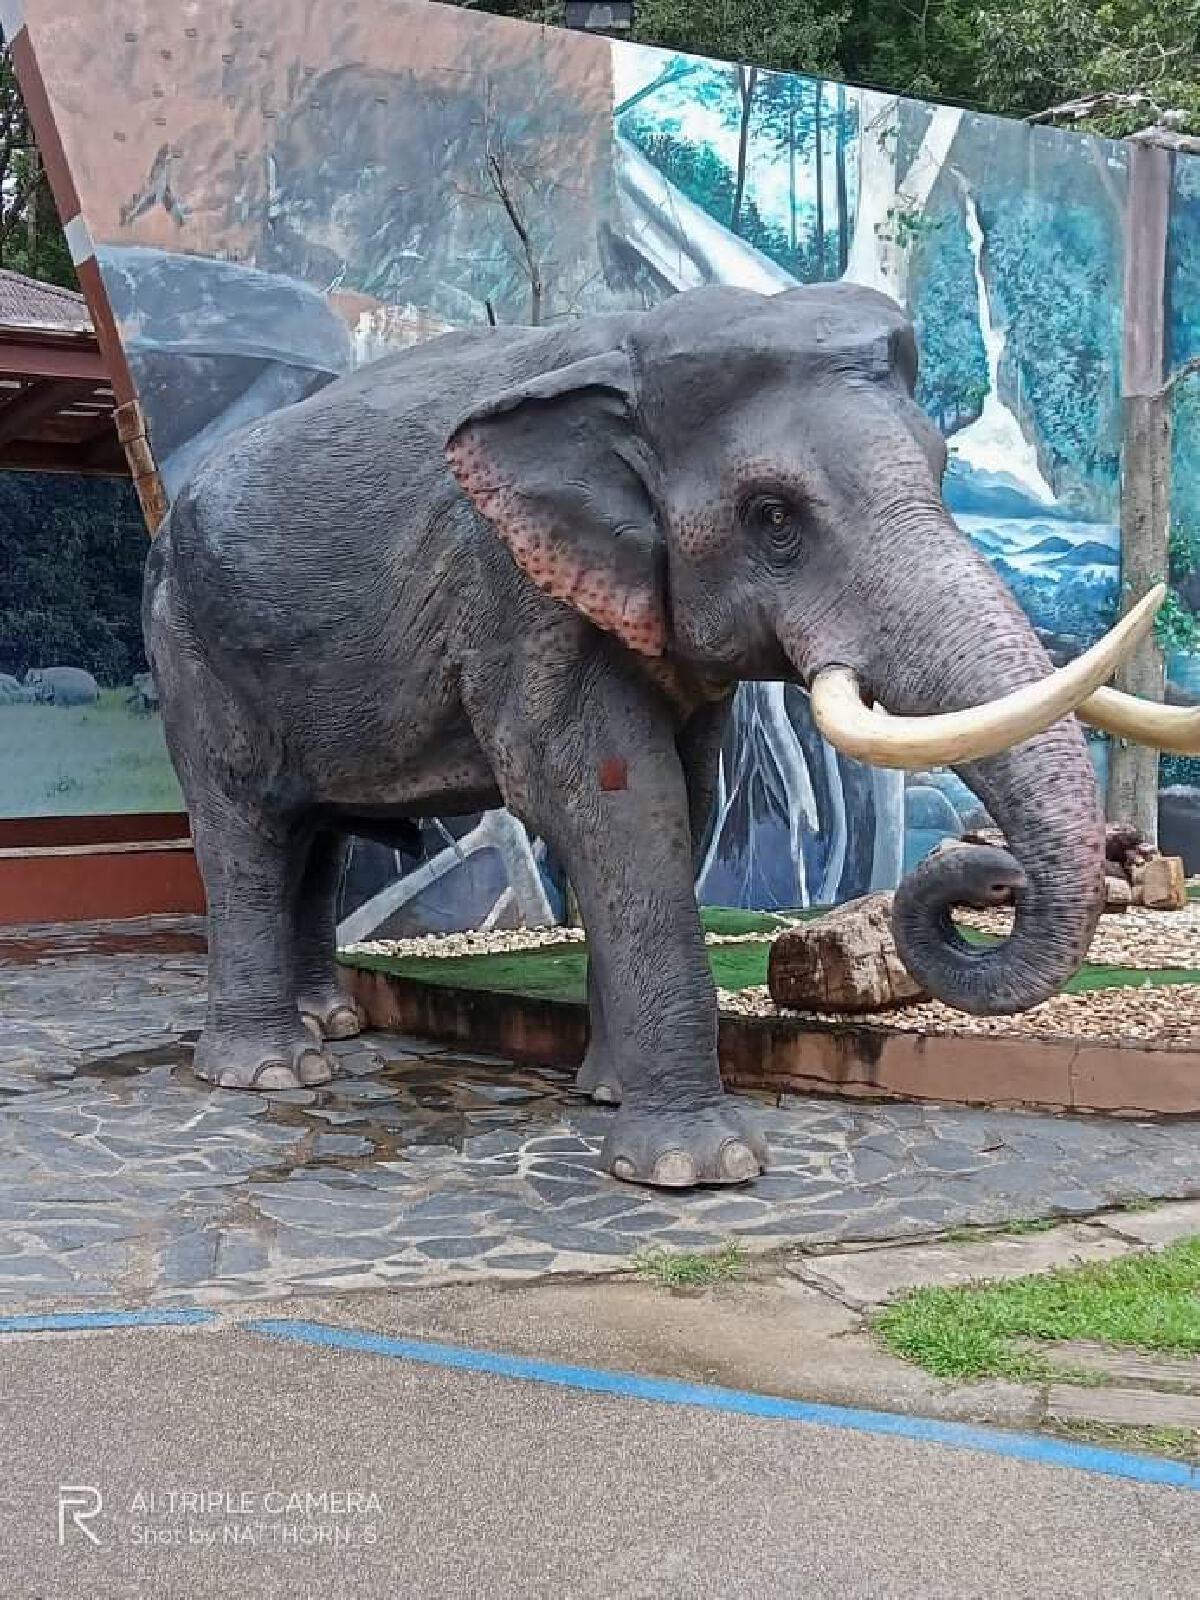 """""""พลายนิ่ง"""" กลับมาแล้ว หลังถูก พลายเดียว ช้างป่าเขาใหญ่ ชนล้มจนงาหัก-ตัวแตก"""